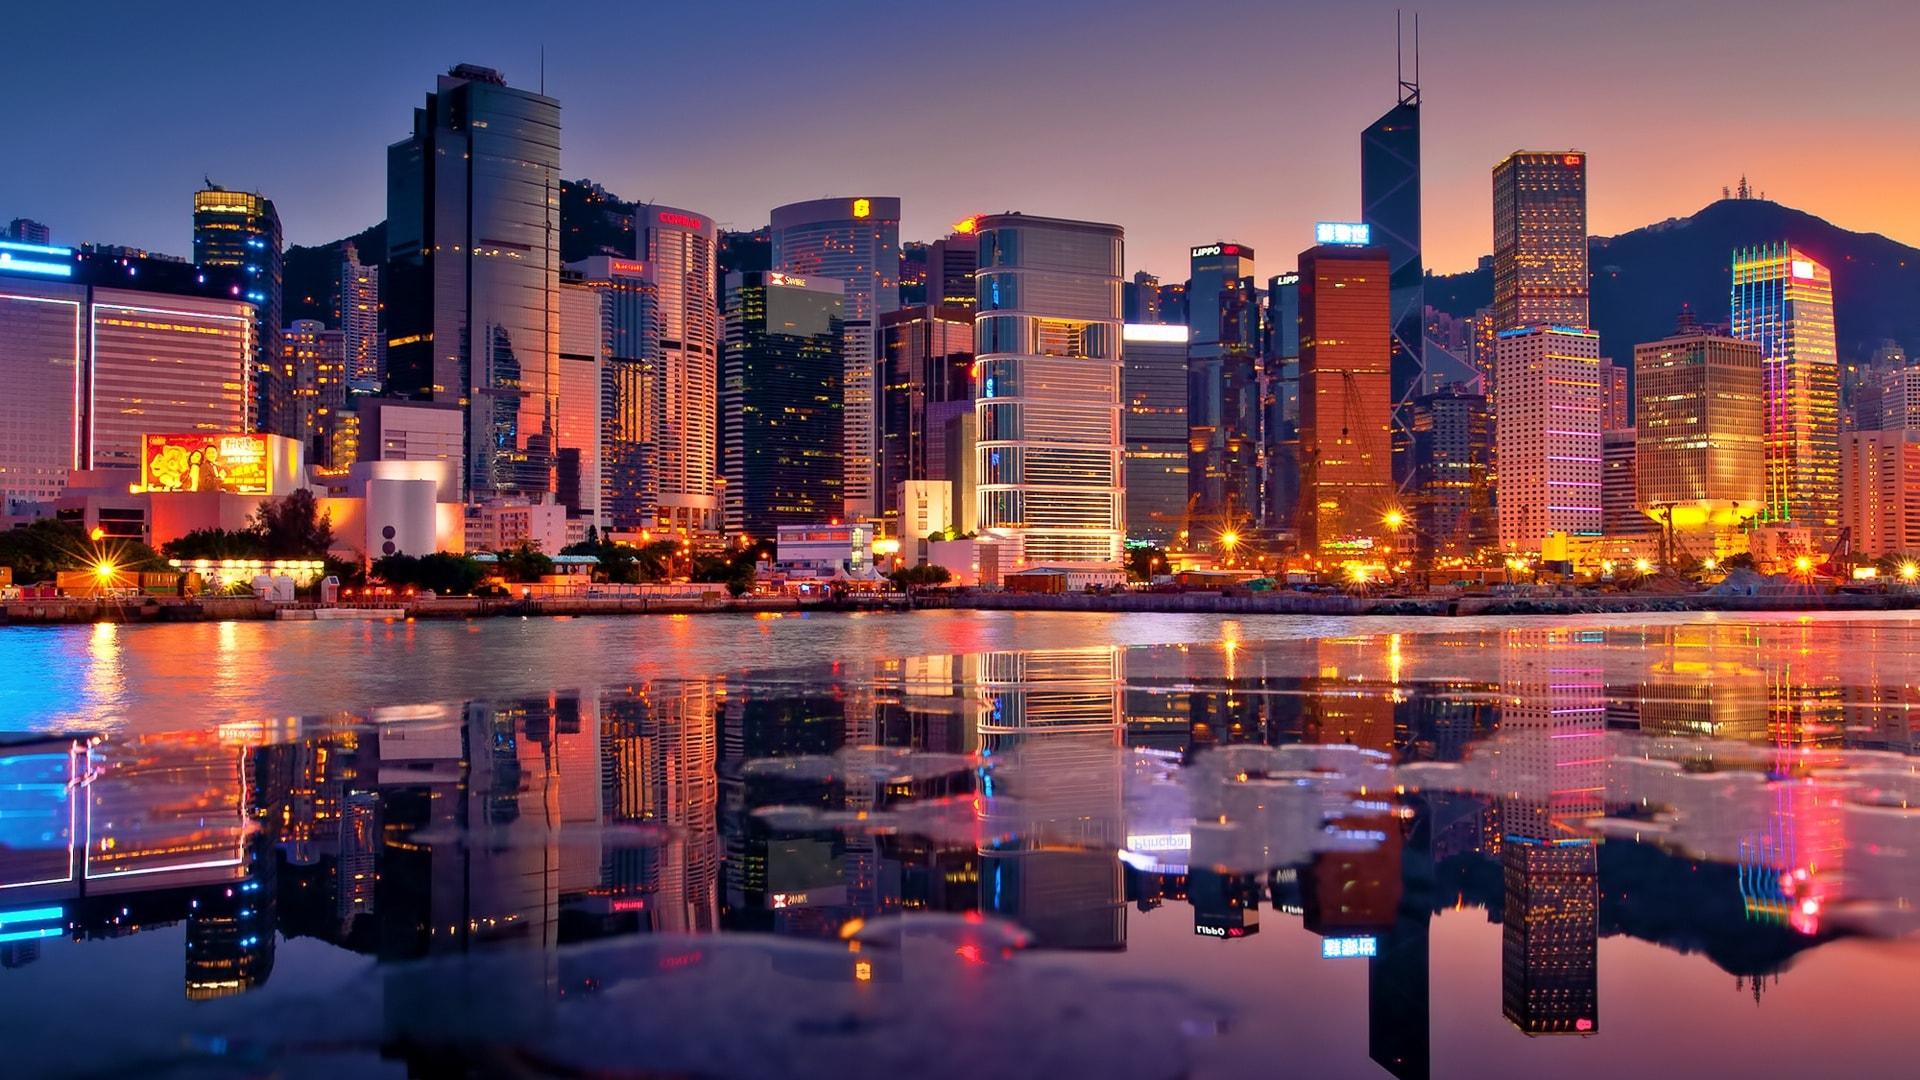 Hong Kong widescreen wallpapers